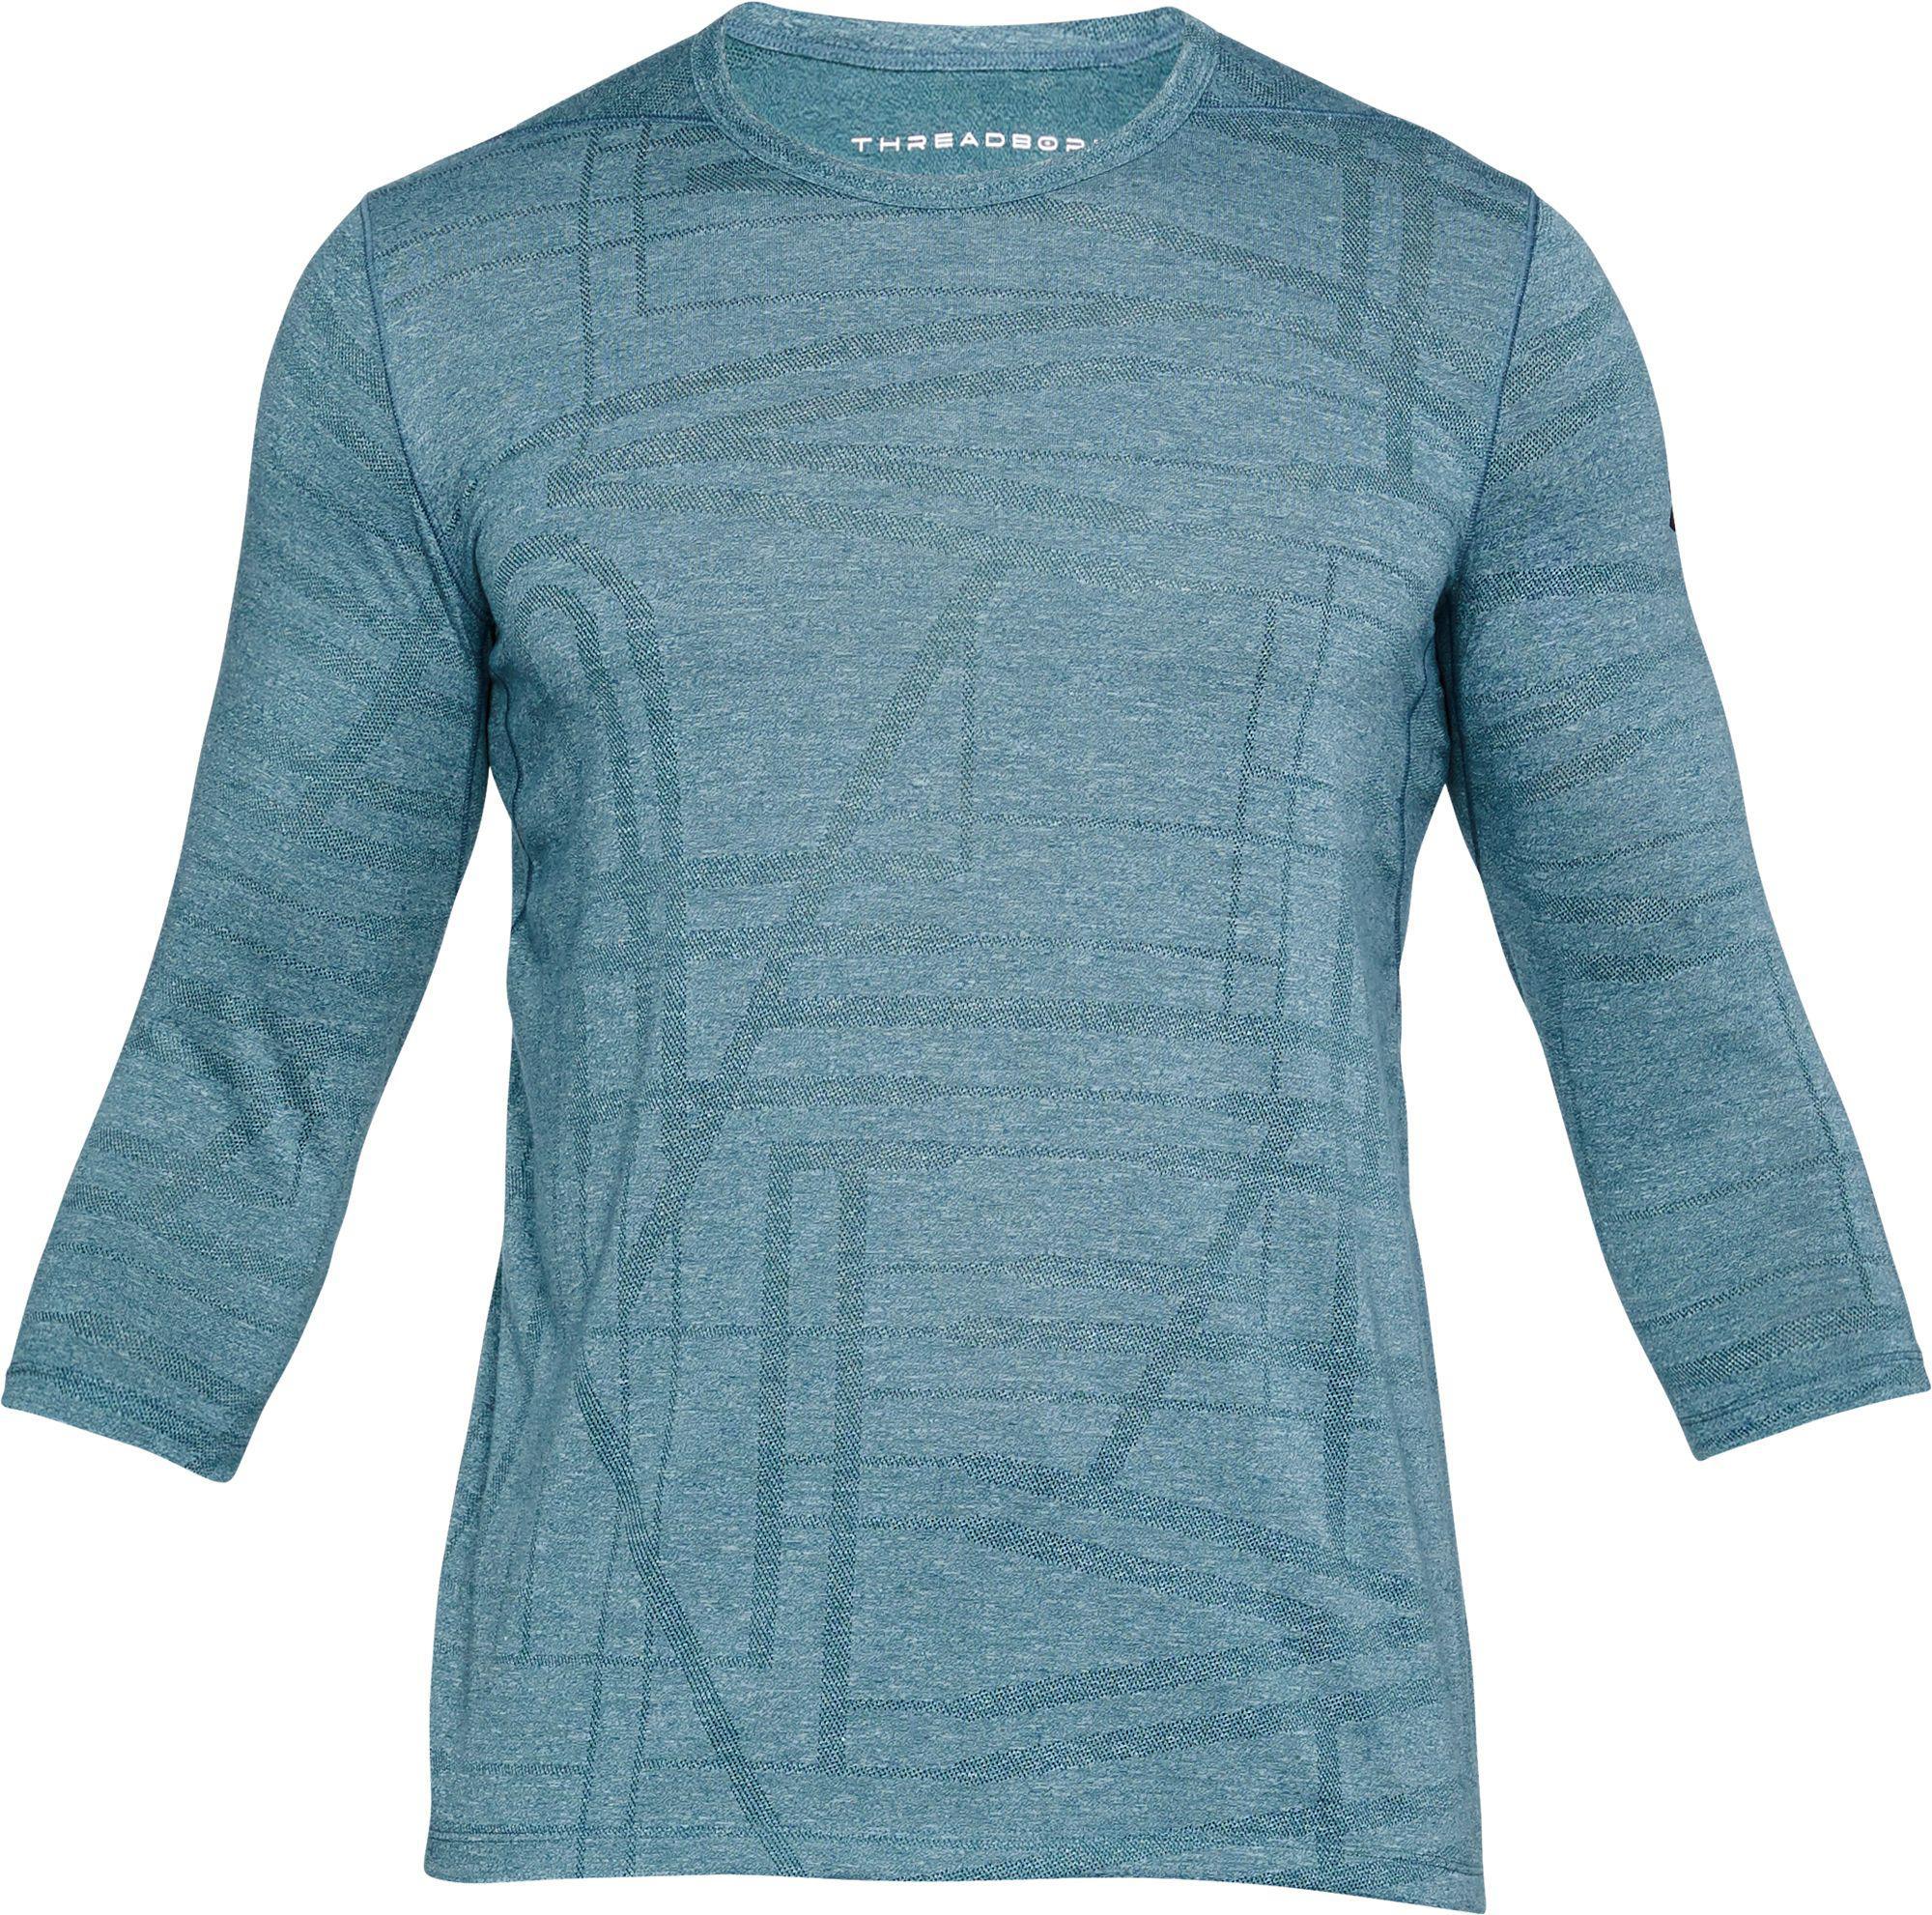 717ce98a5963 Under Armour - Blue Threadborne Siro Utility 3⁄4 Length Sleeve Shirt for Men  -